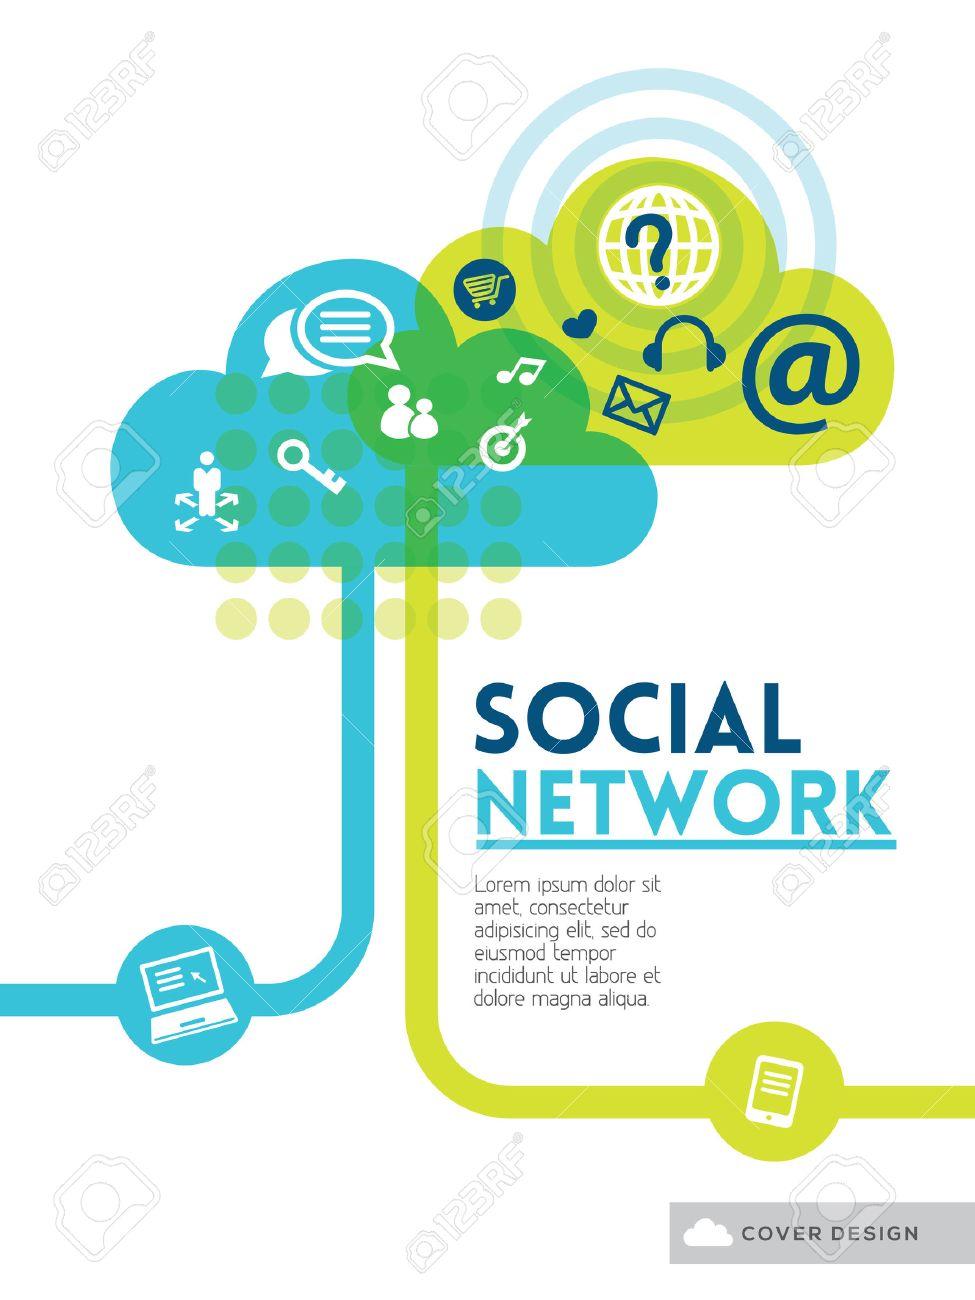 wolken social media network konzept hintergrund design layout fur plakat flyer abdeckung broschure